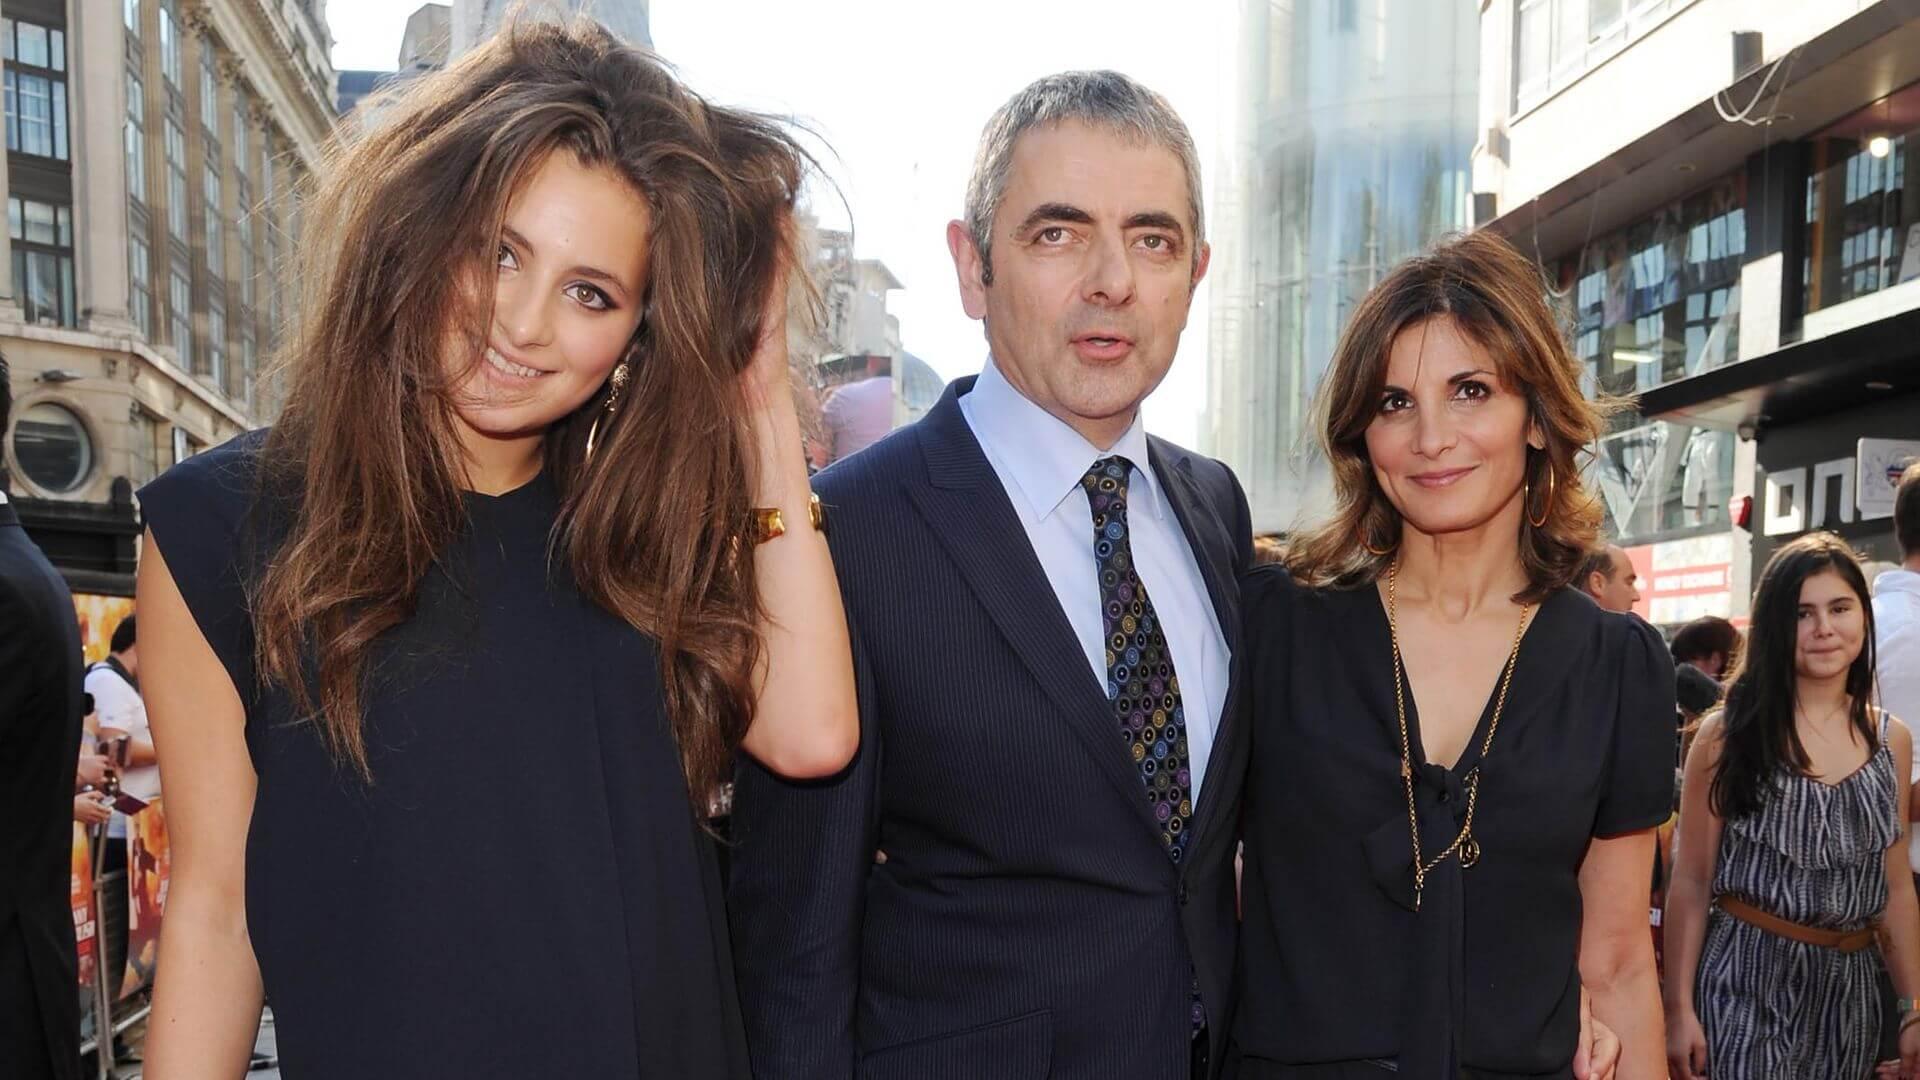 Rowan Atkinson Sunetra Sastry and Lily